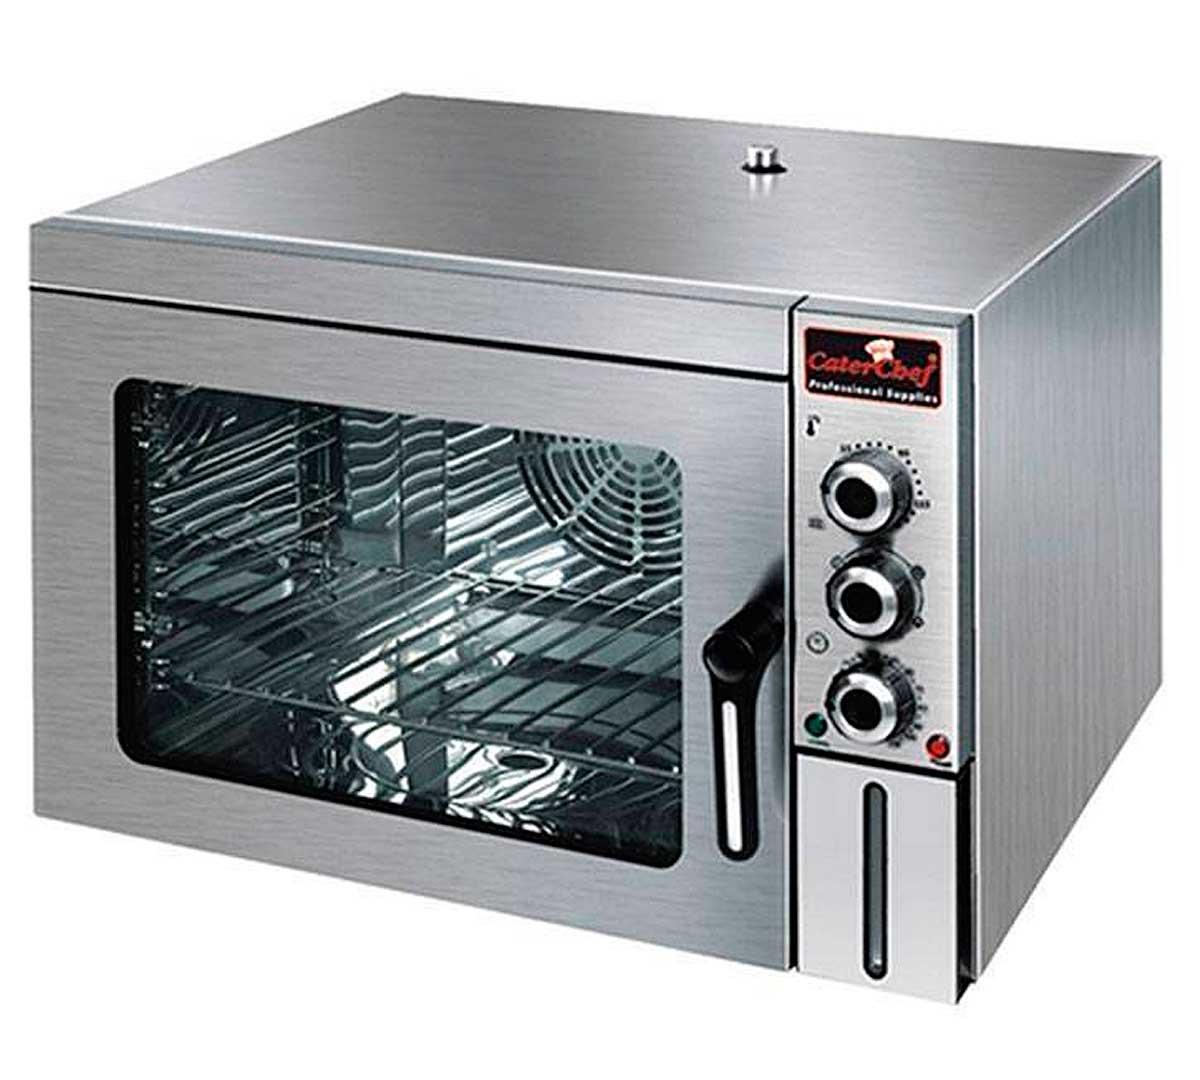 Horno convecci n pujadas convecci n 6881 for Hornos de cocina electricos